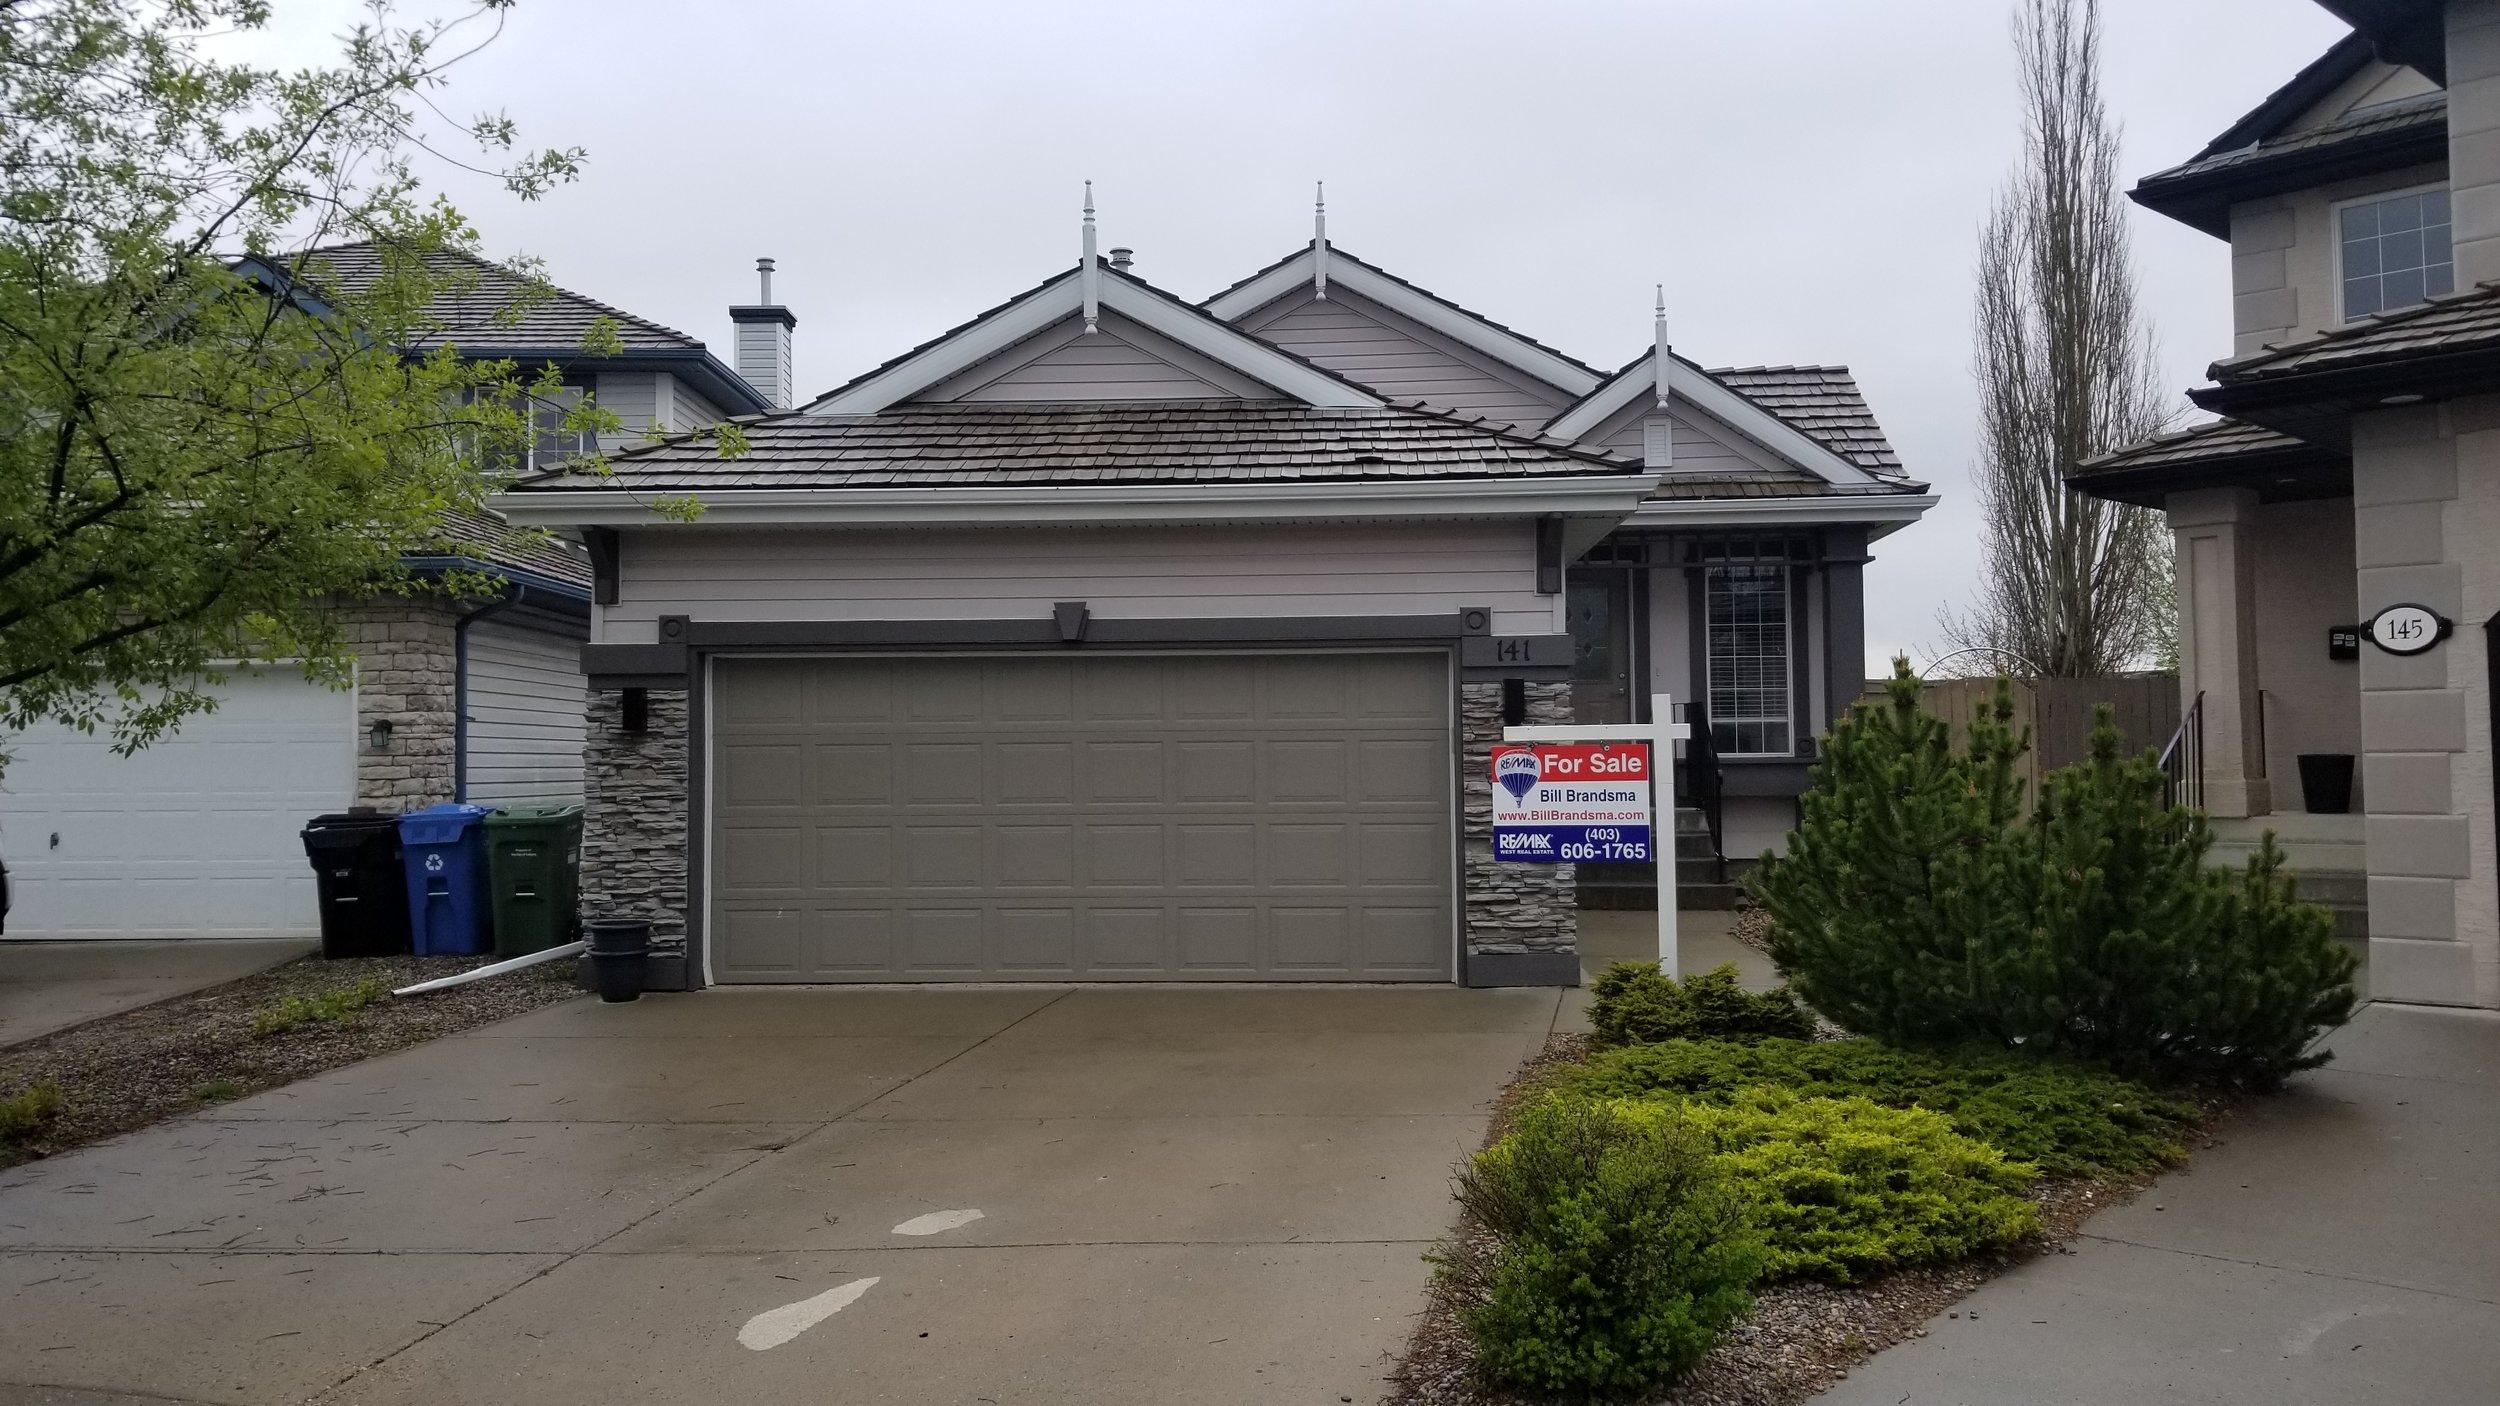 Springbank Calgary home inspector